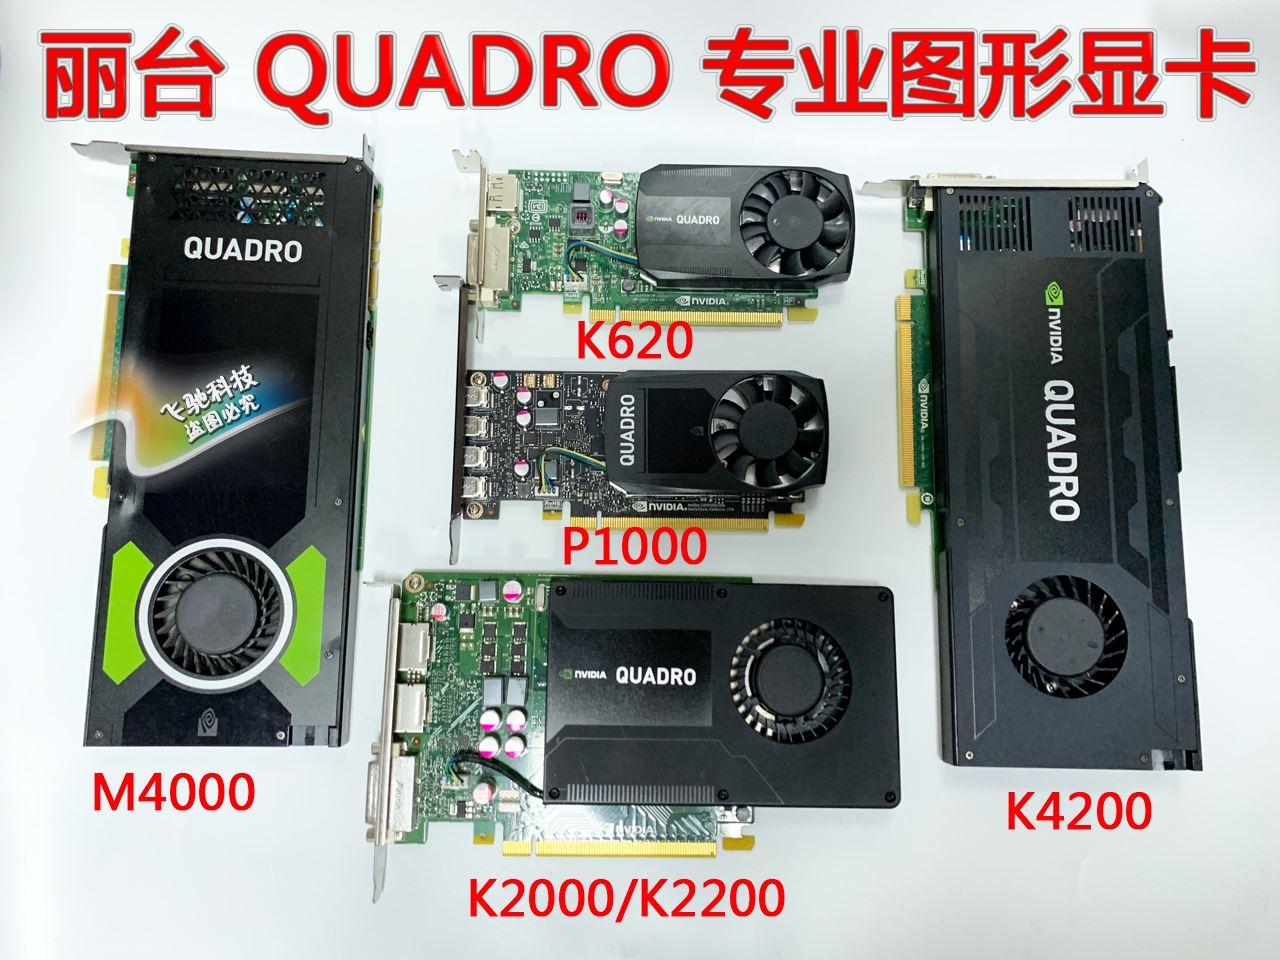 全新麗台QUADRO K600 K620 K2000 K2200 CAD建模專業繪圖圖型顯卡